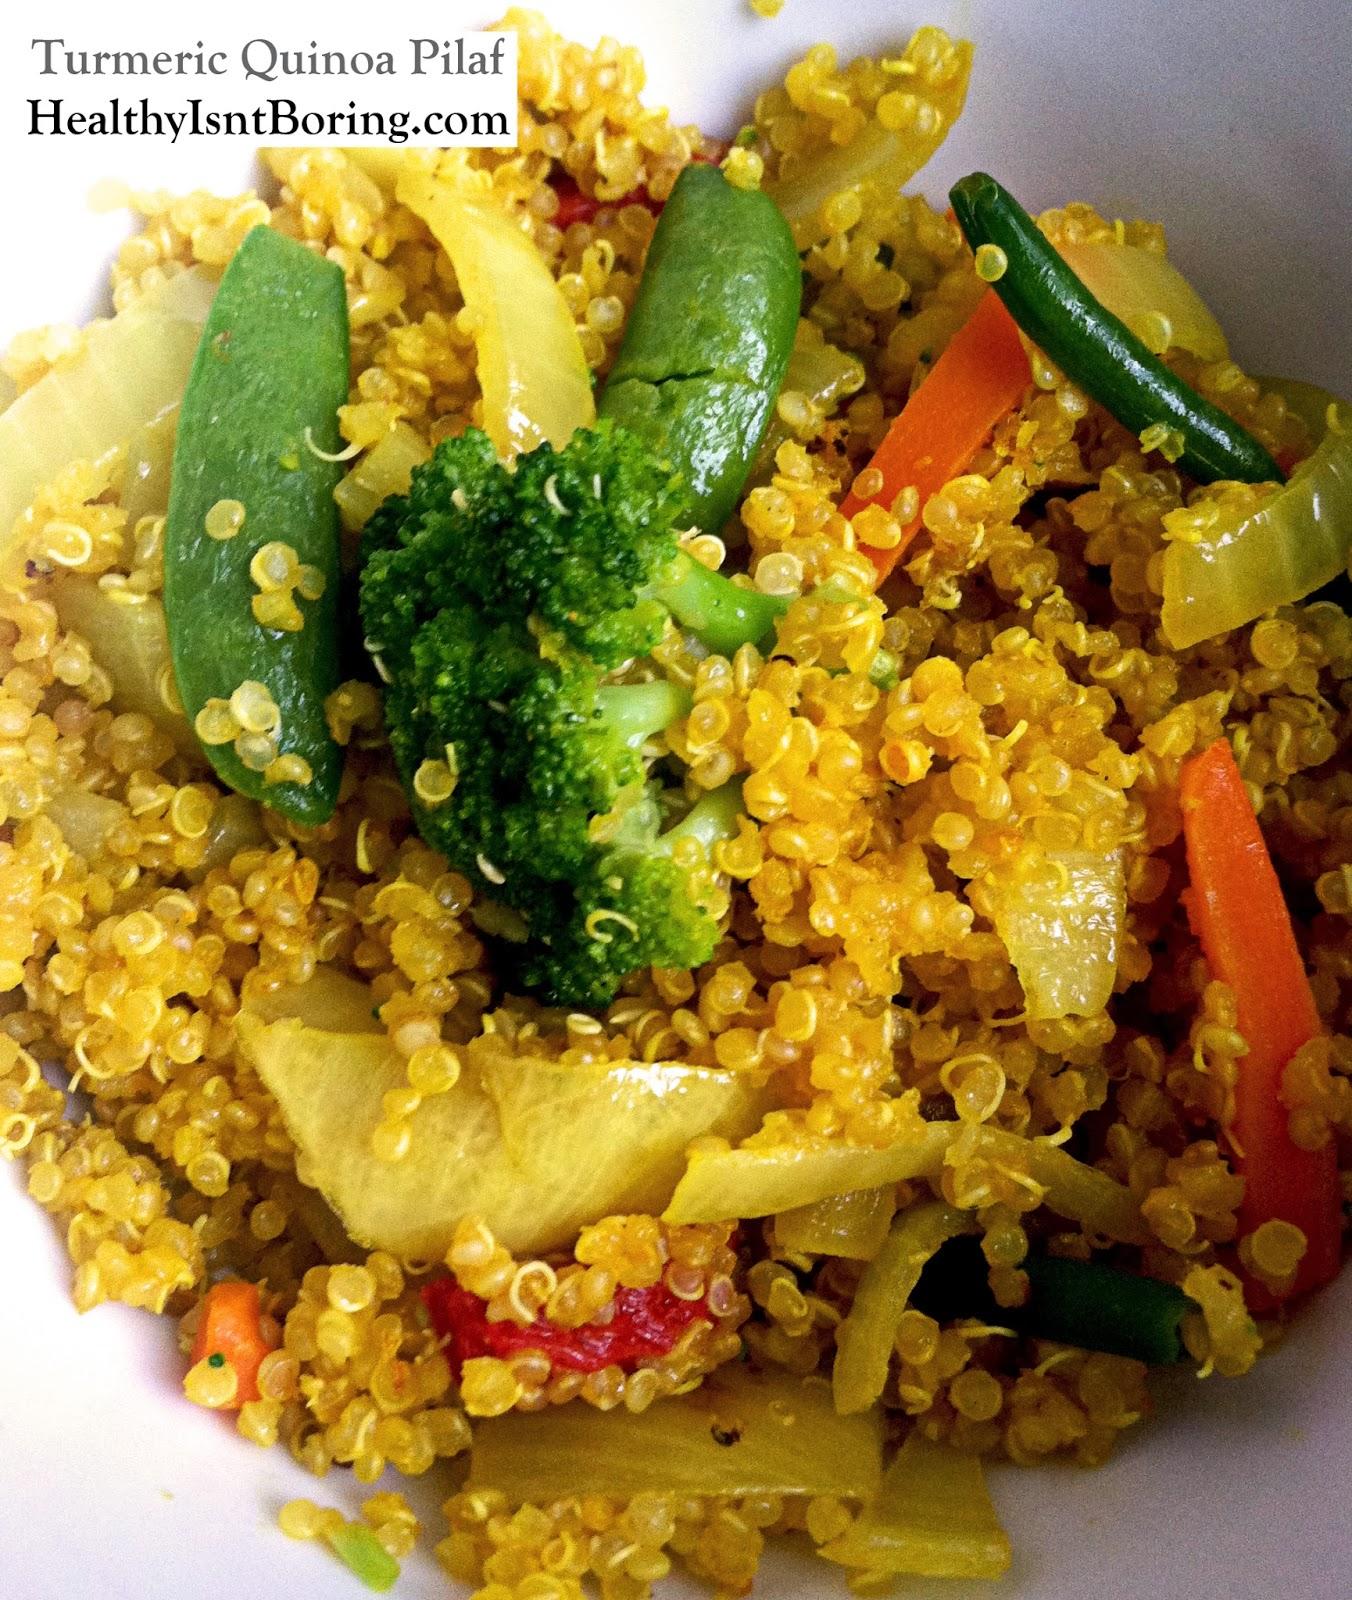 Healthy Isn't Boring: Turmeric Quinoa Pilaf